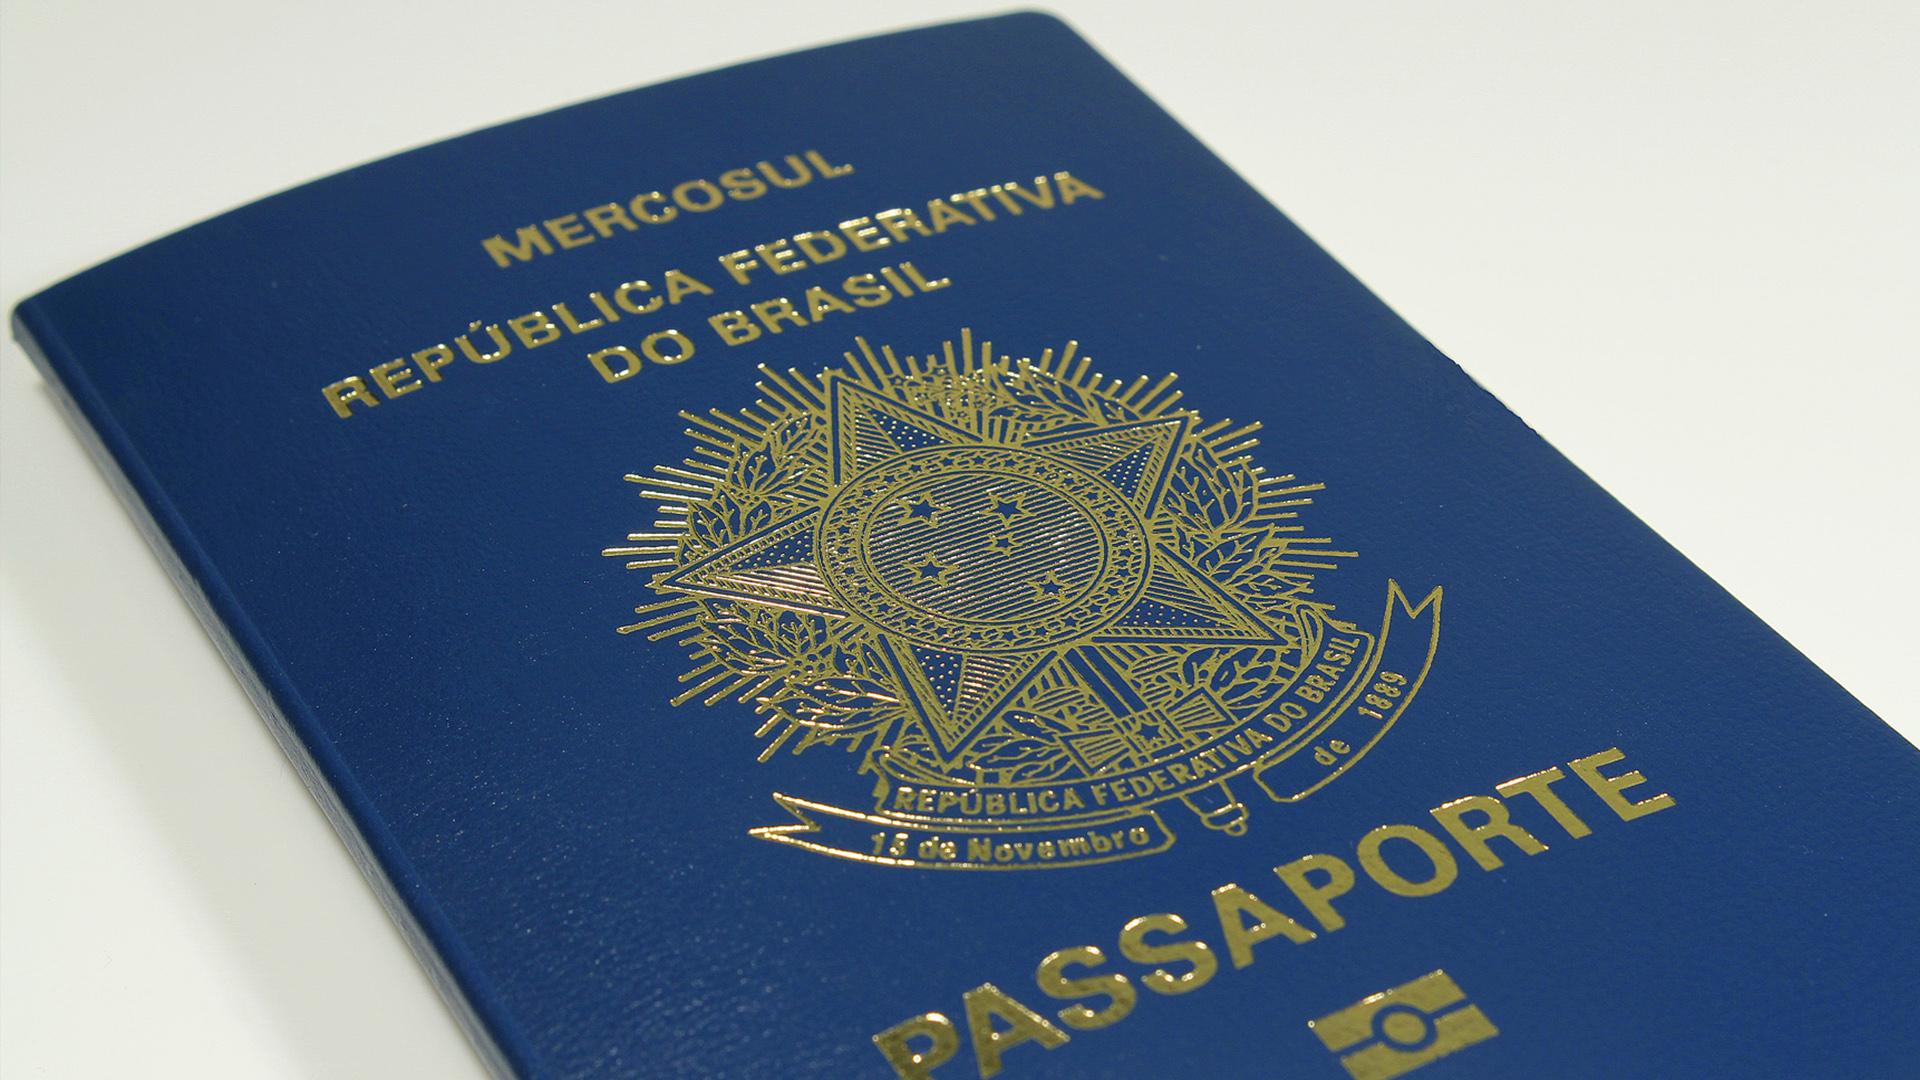 Passaporte azul representa o nome. Novas nações, novo mundo. Tudo novo.